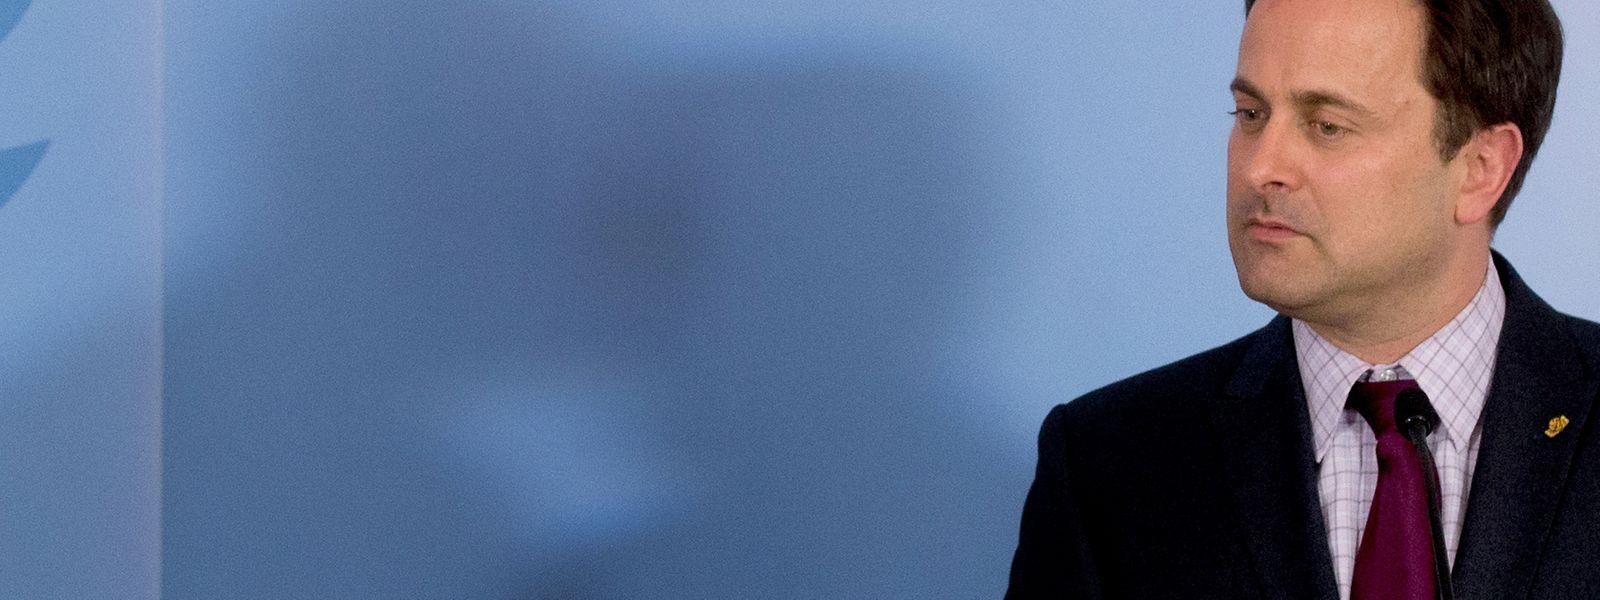 Xavier Bettel estime n'avoir rien fait d'illégal et se dit disposé à répondre à toutes les questions que se pose l'opposition.